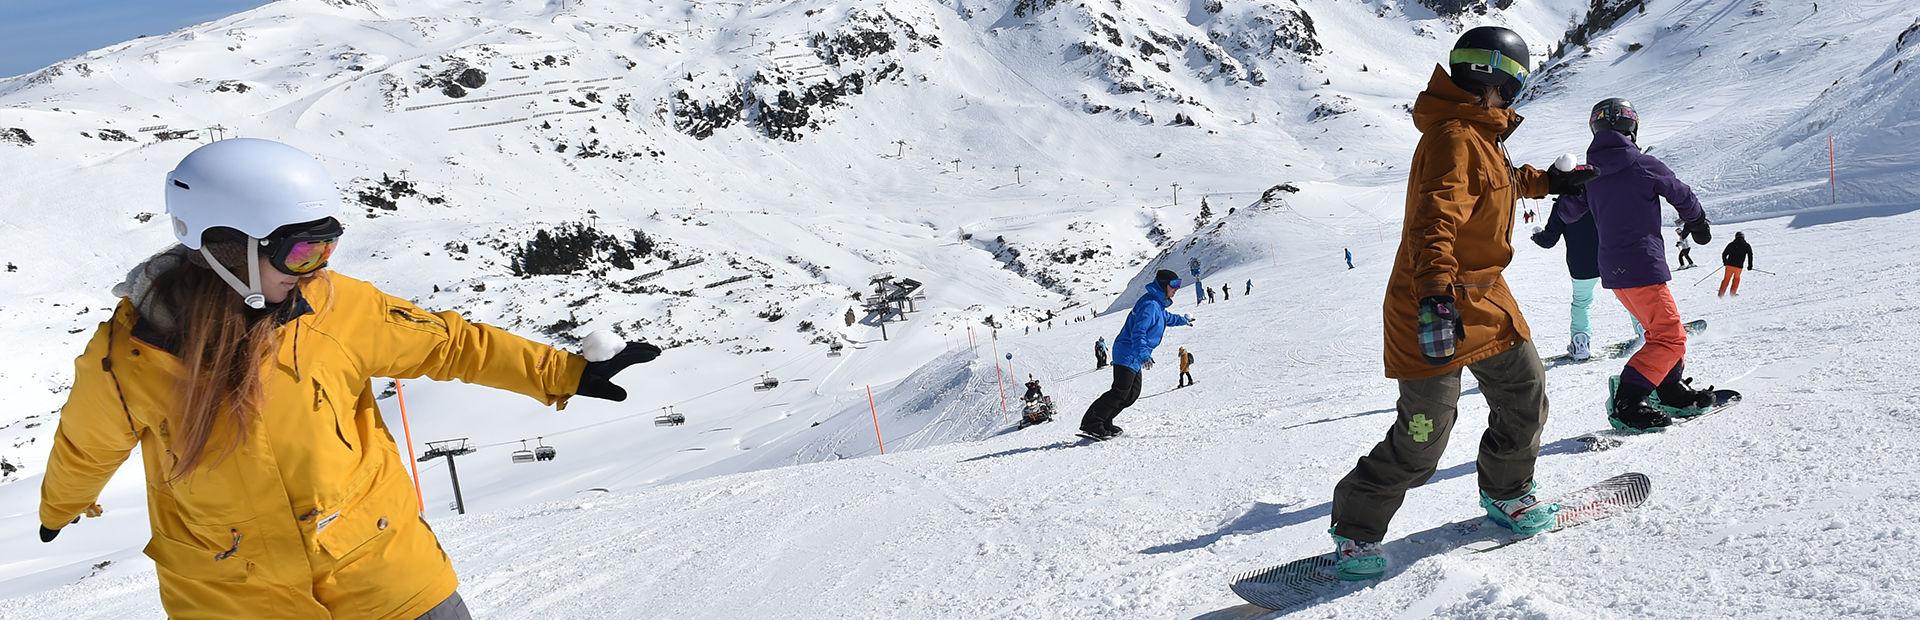 Snowboardschüler fahren hintereinander auf der Piste